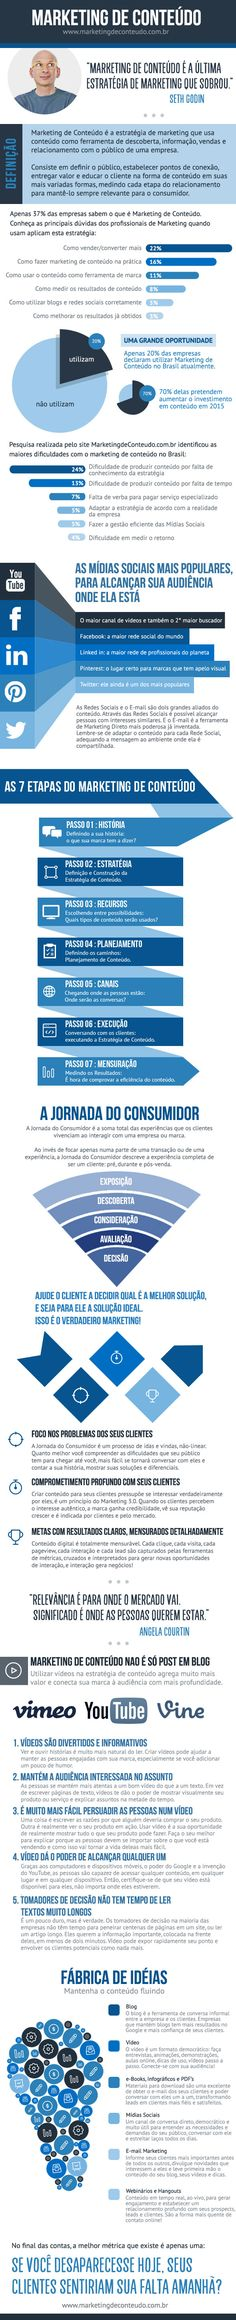 Excelente material produzido pela equipe Marketing de Conteúdo! http://www.marketingdeconteudo.com.br/marketing-de-conteudo/infografico-as-7-etapas-do-marketing-de-conteudo/